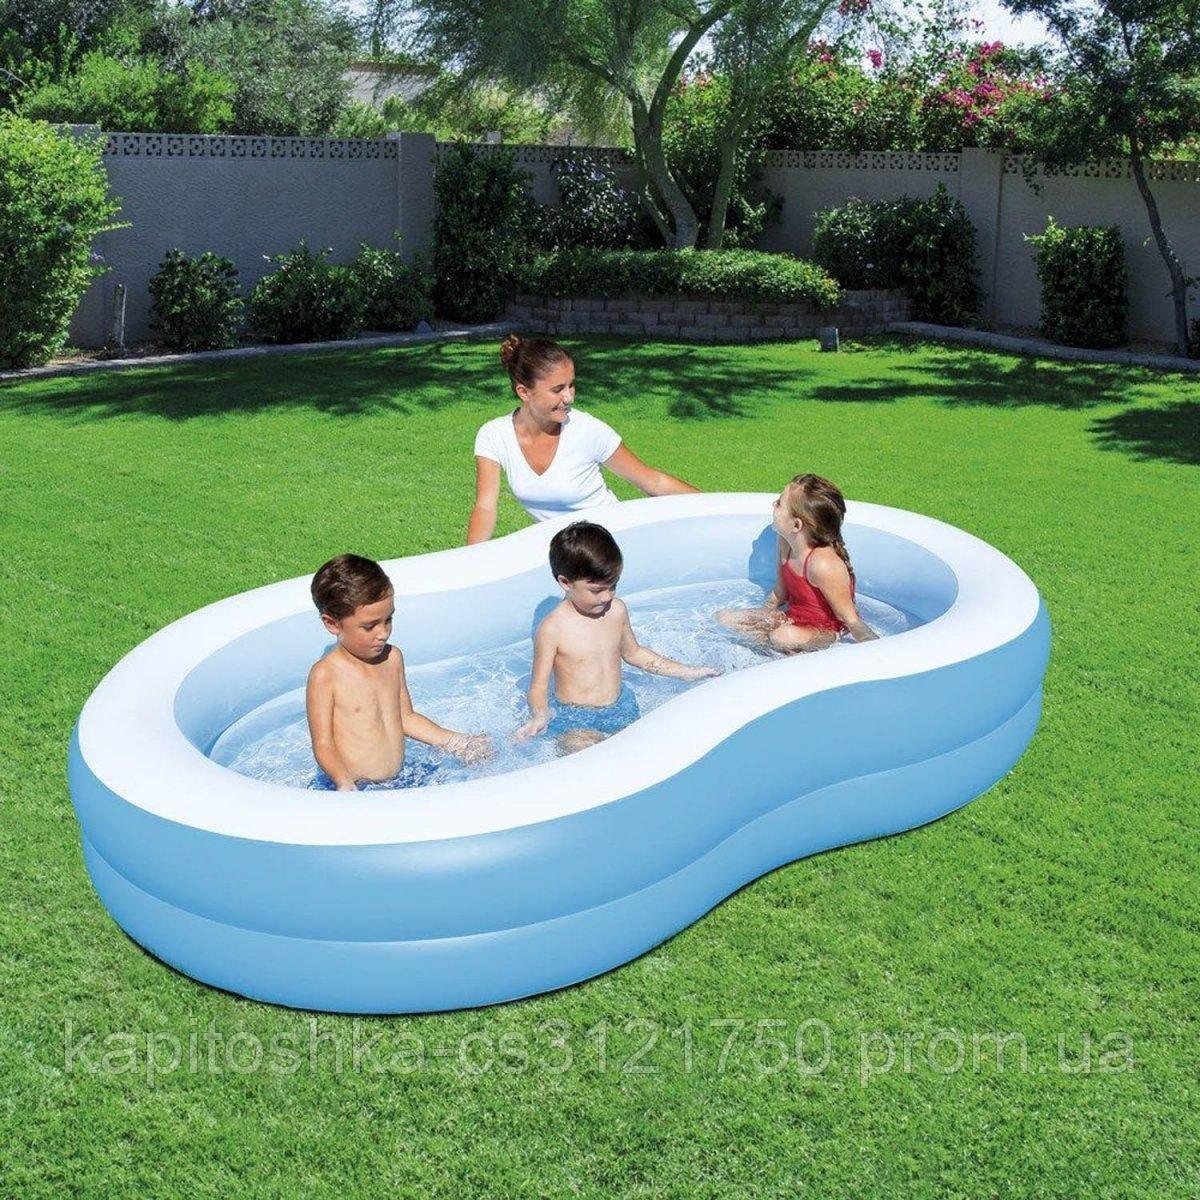 Семейный надувной бассейн Bestway 54117. Размер ДхШхВ: 262х157х46 см.